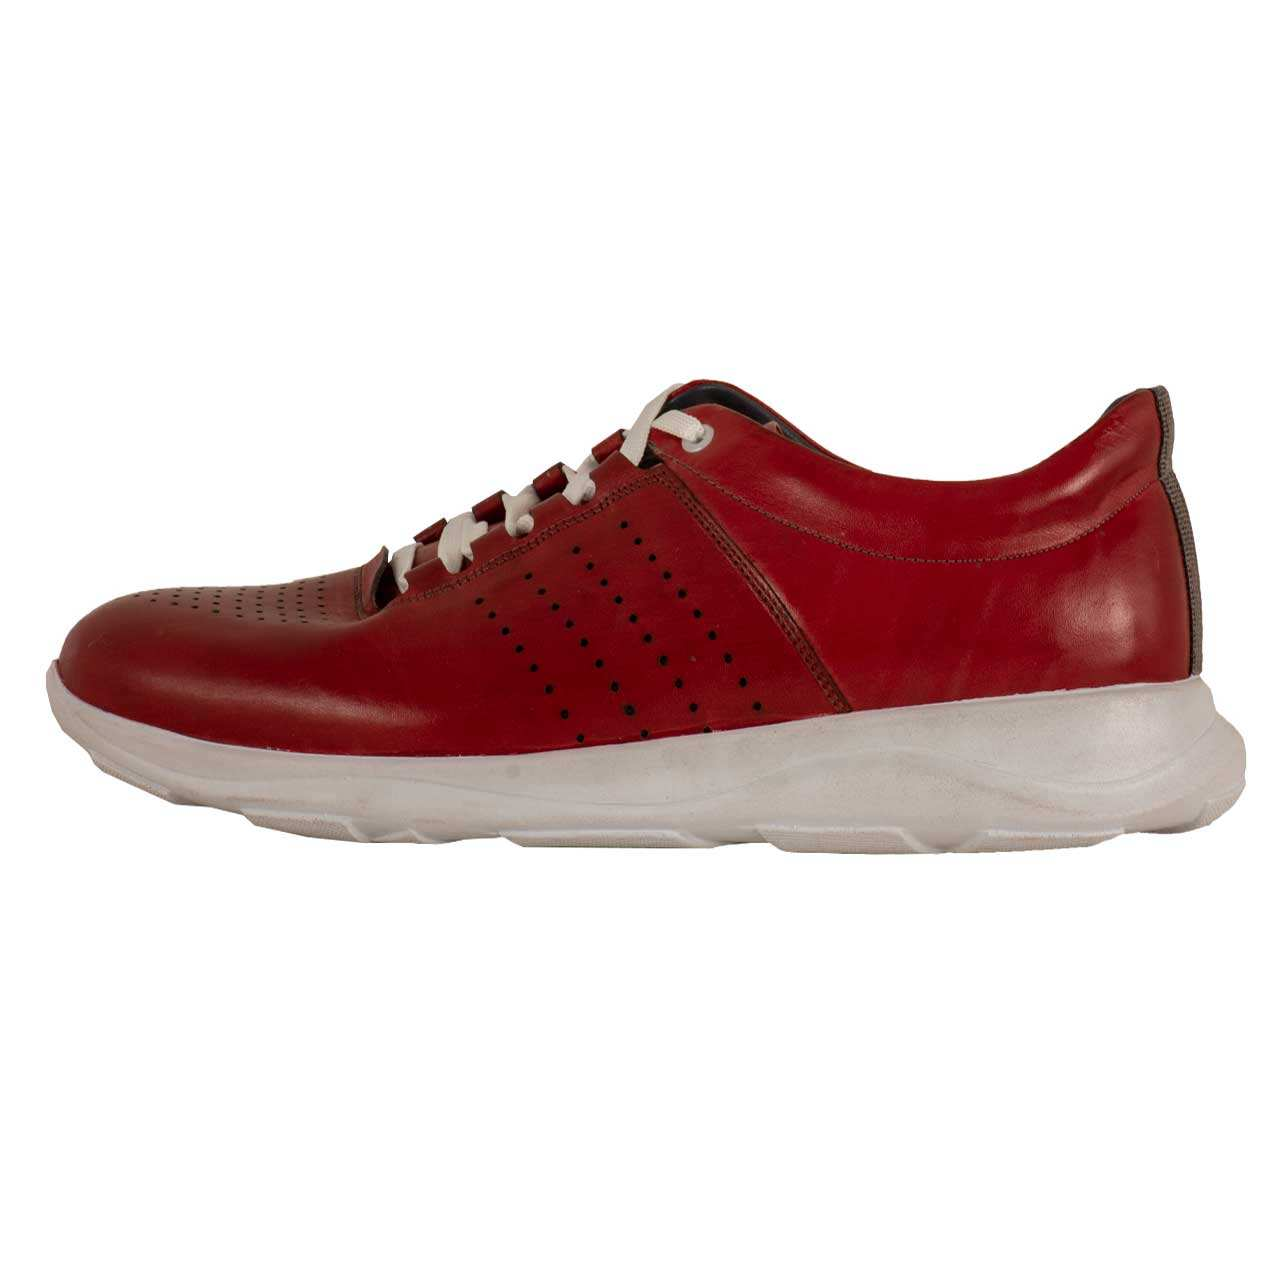 کفش روزمره مردانه پارینه چرم مدل SHO176-2 -  - 2